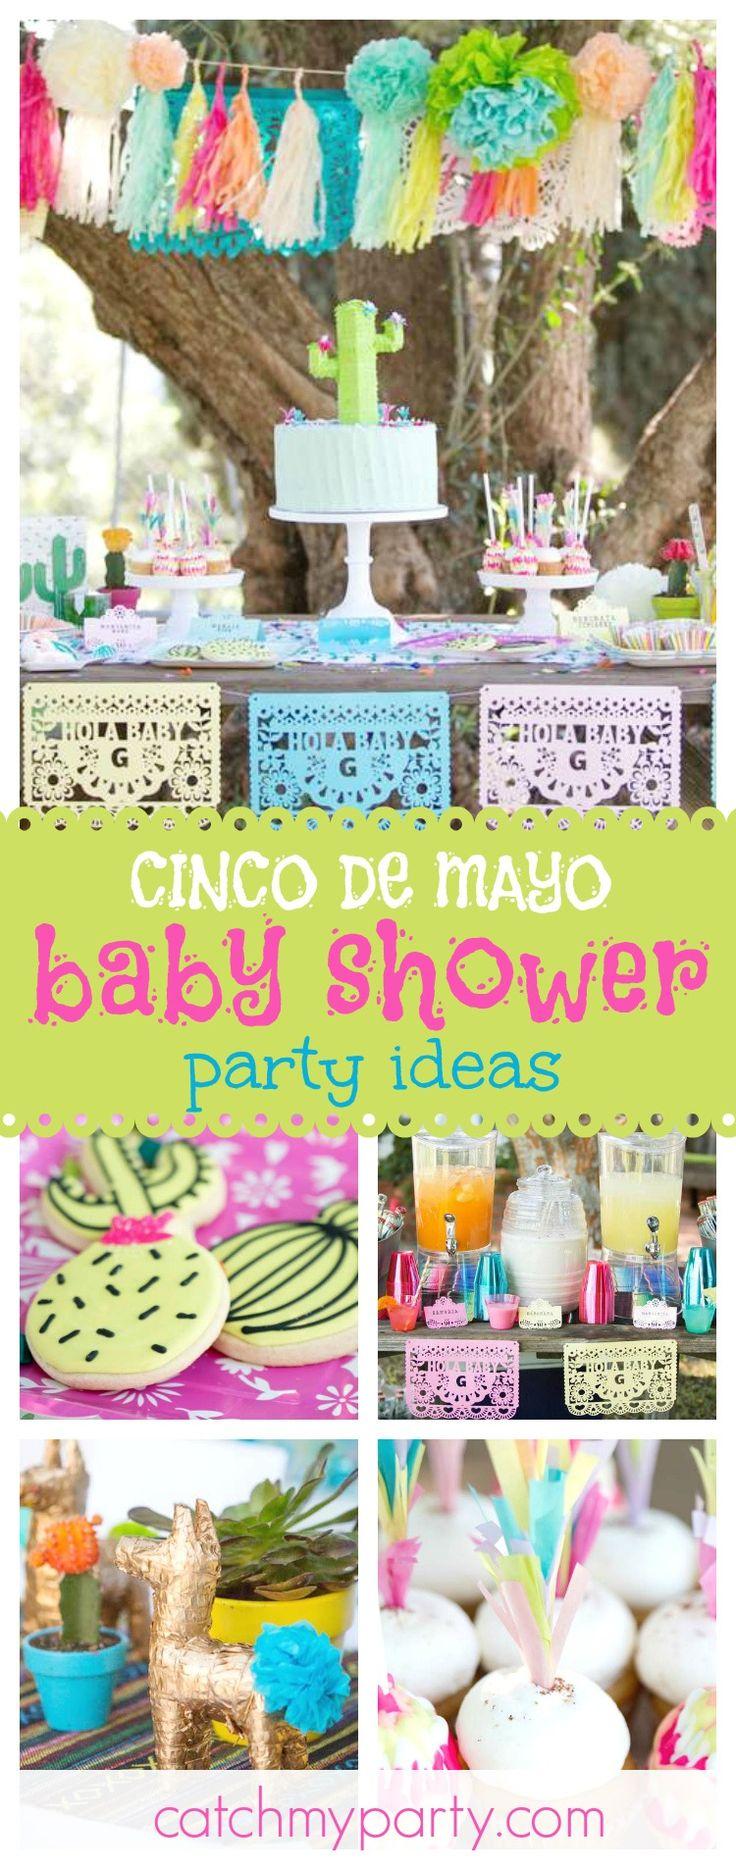 Garden Party Ideas fairy garden party Celebrate Cinco De Mayo With An Incredible Mexican Garden Party The Cake Is Amazing